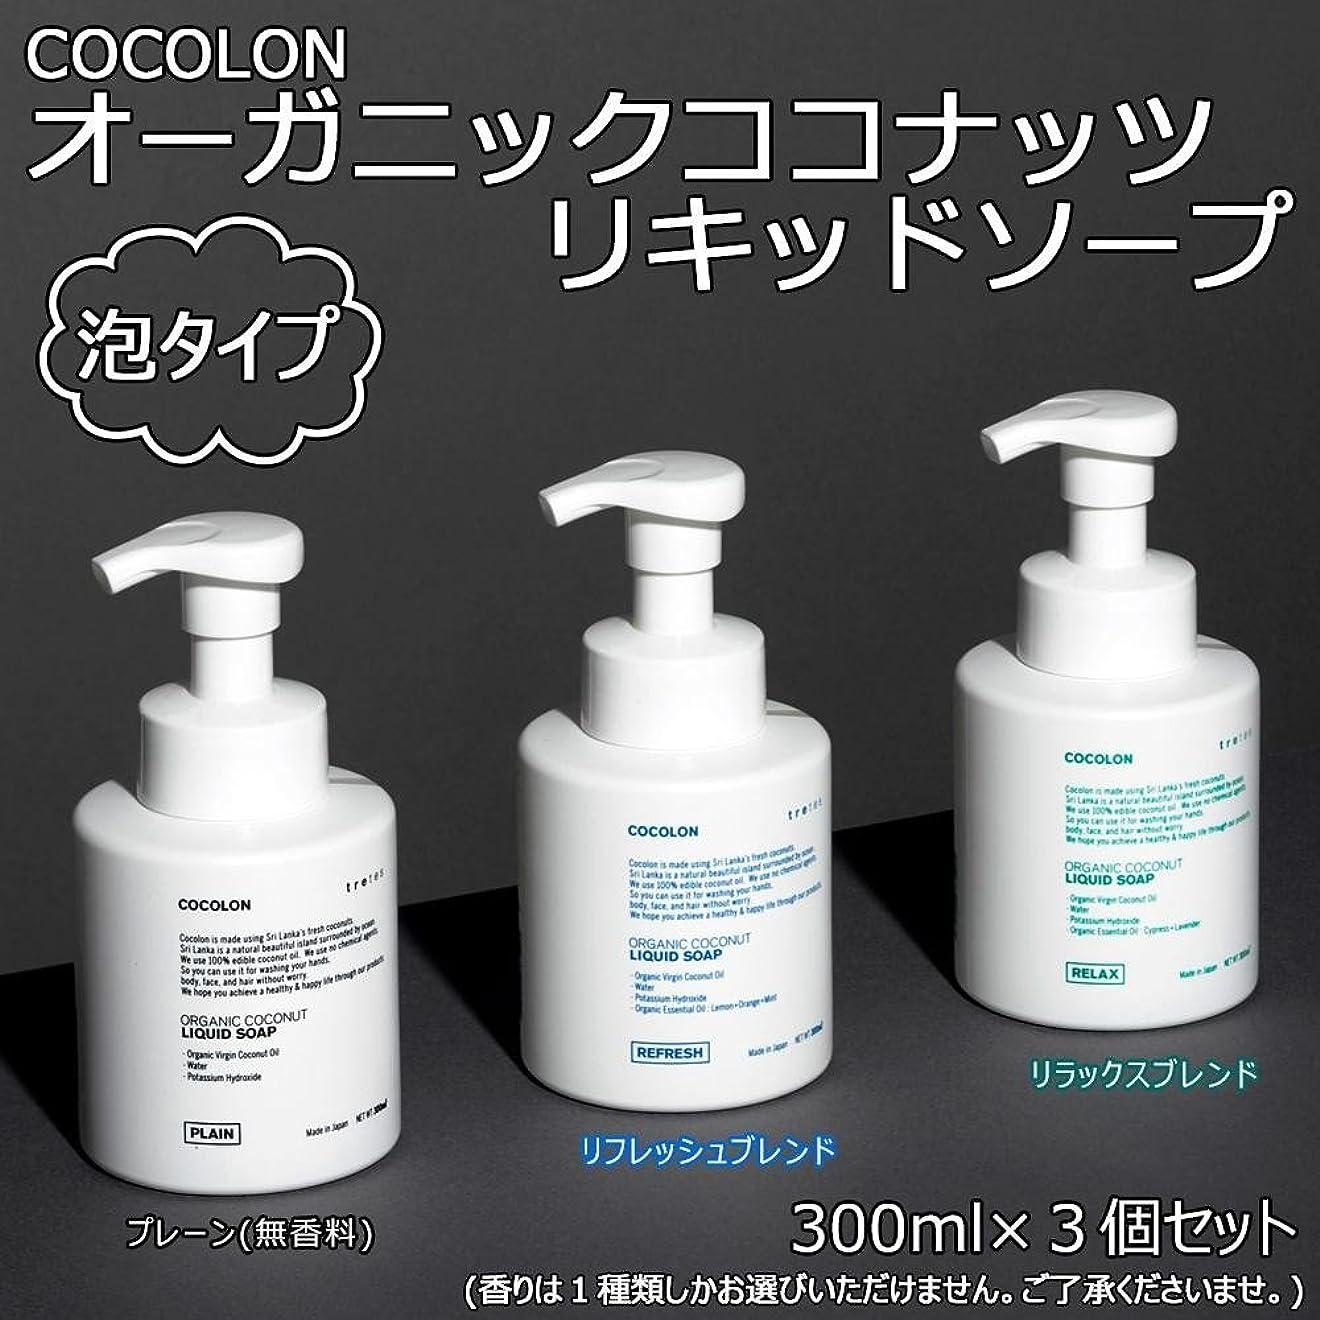 世紀連続的スポンジCOCOLON ココロン オーガニックココナッツリキッドソープ 泡タイプ 300ml 3個セット【同梱?代引不可】 ■3種類の内「プレーン(無香料)」のみです